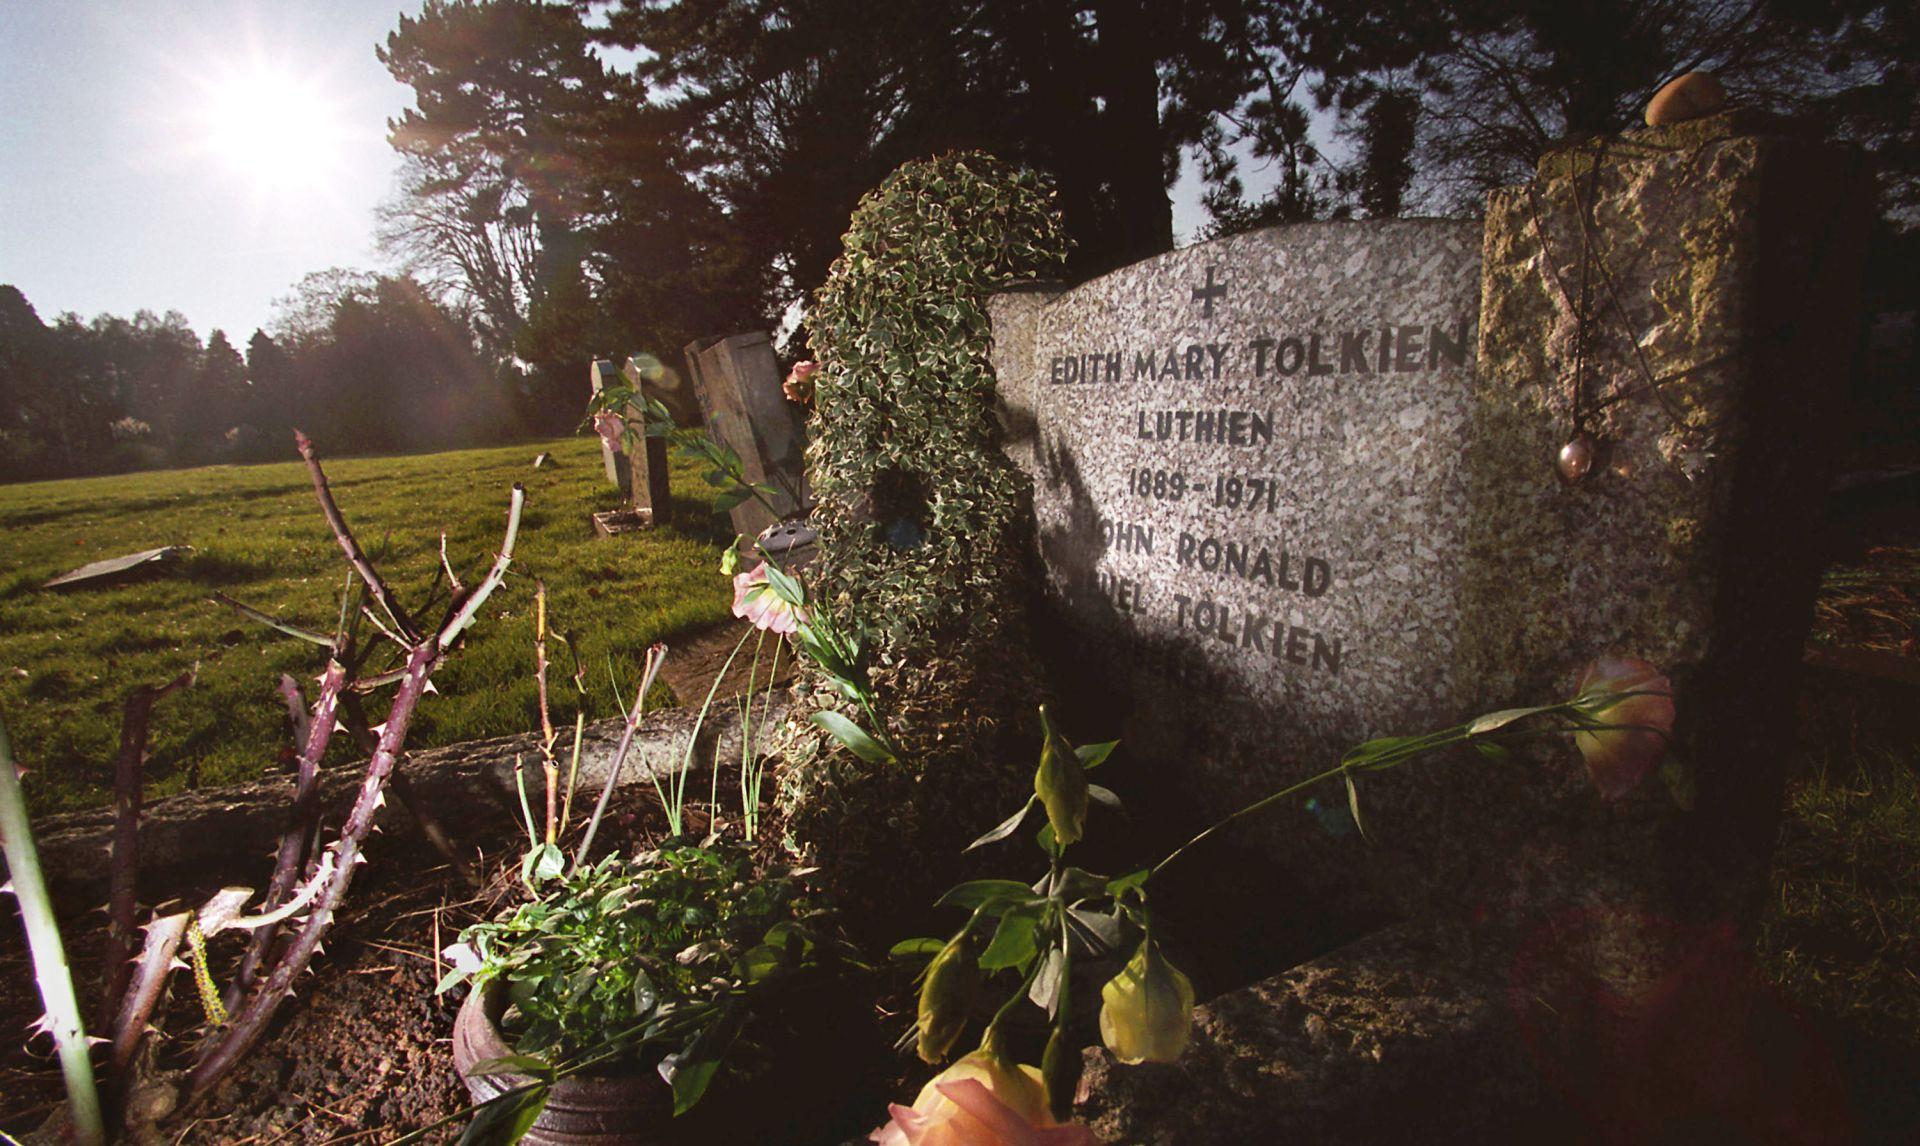 STOLJEĆE NAKON ŠTO JE NAPISANA Izlazi Tolkienova priča o Kullervu